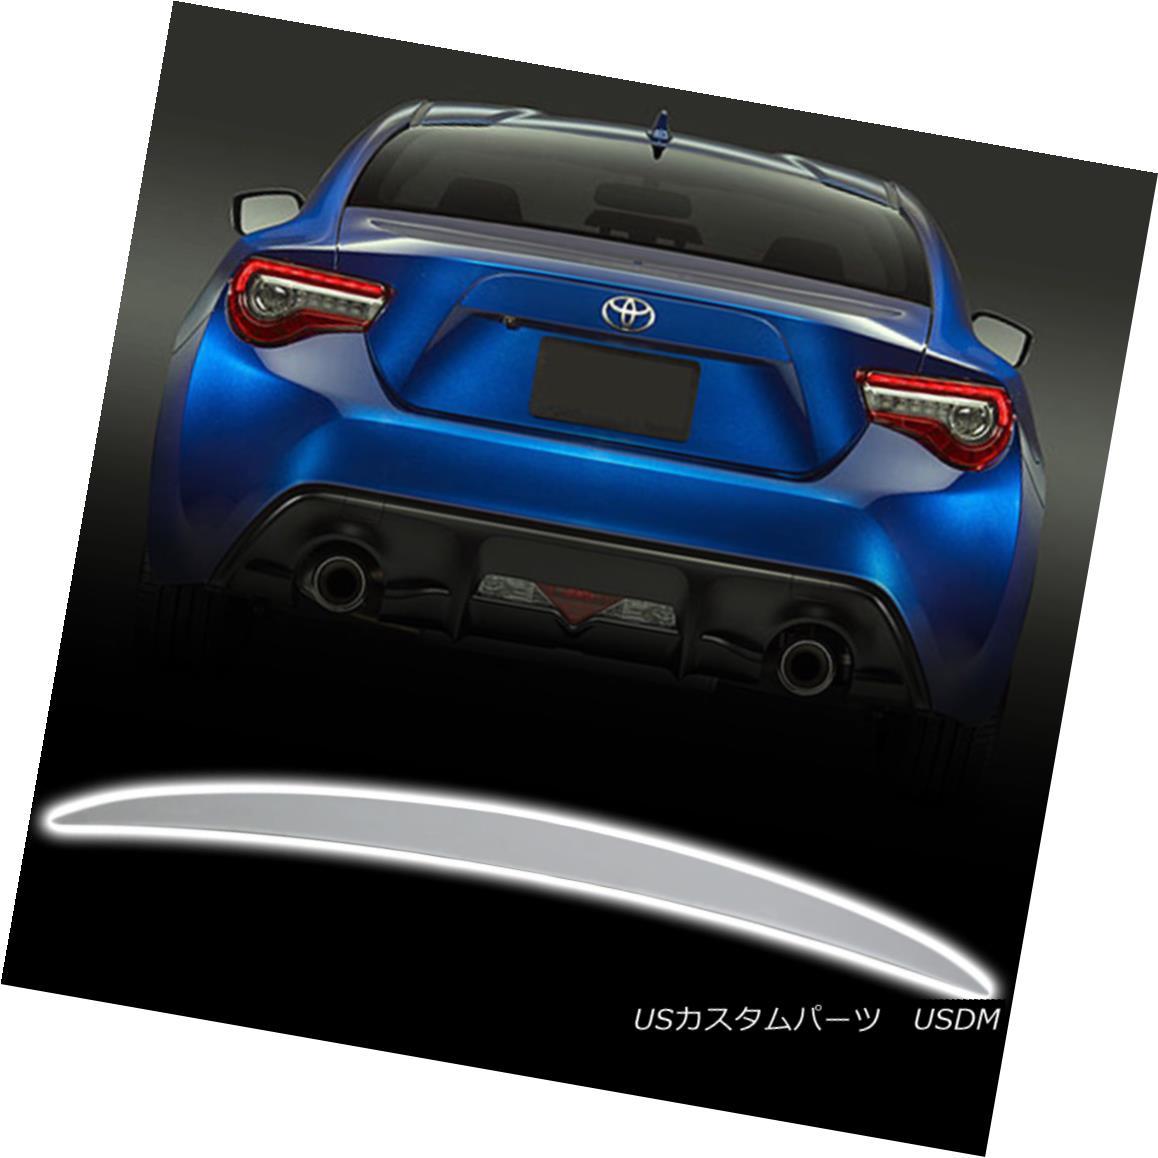 エアロパーツ Painted Performance Style Trunk Spoiler For Subaru BRZ / Scion FRS / Toyota GT86 スバルBRZ /サイオンFRS /トヨタGT86用のペイントされたパフォーマンススタイルのトランク・スポイラー